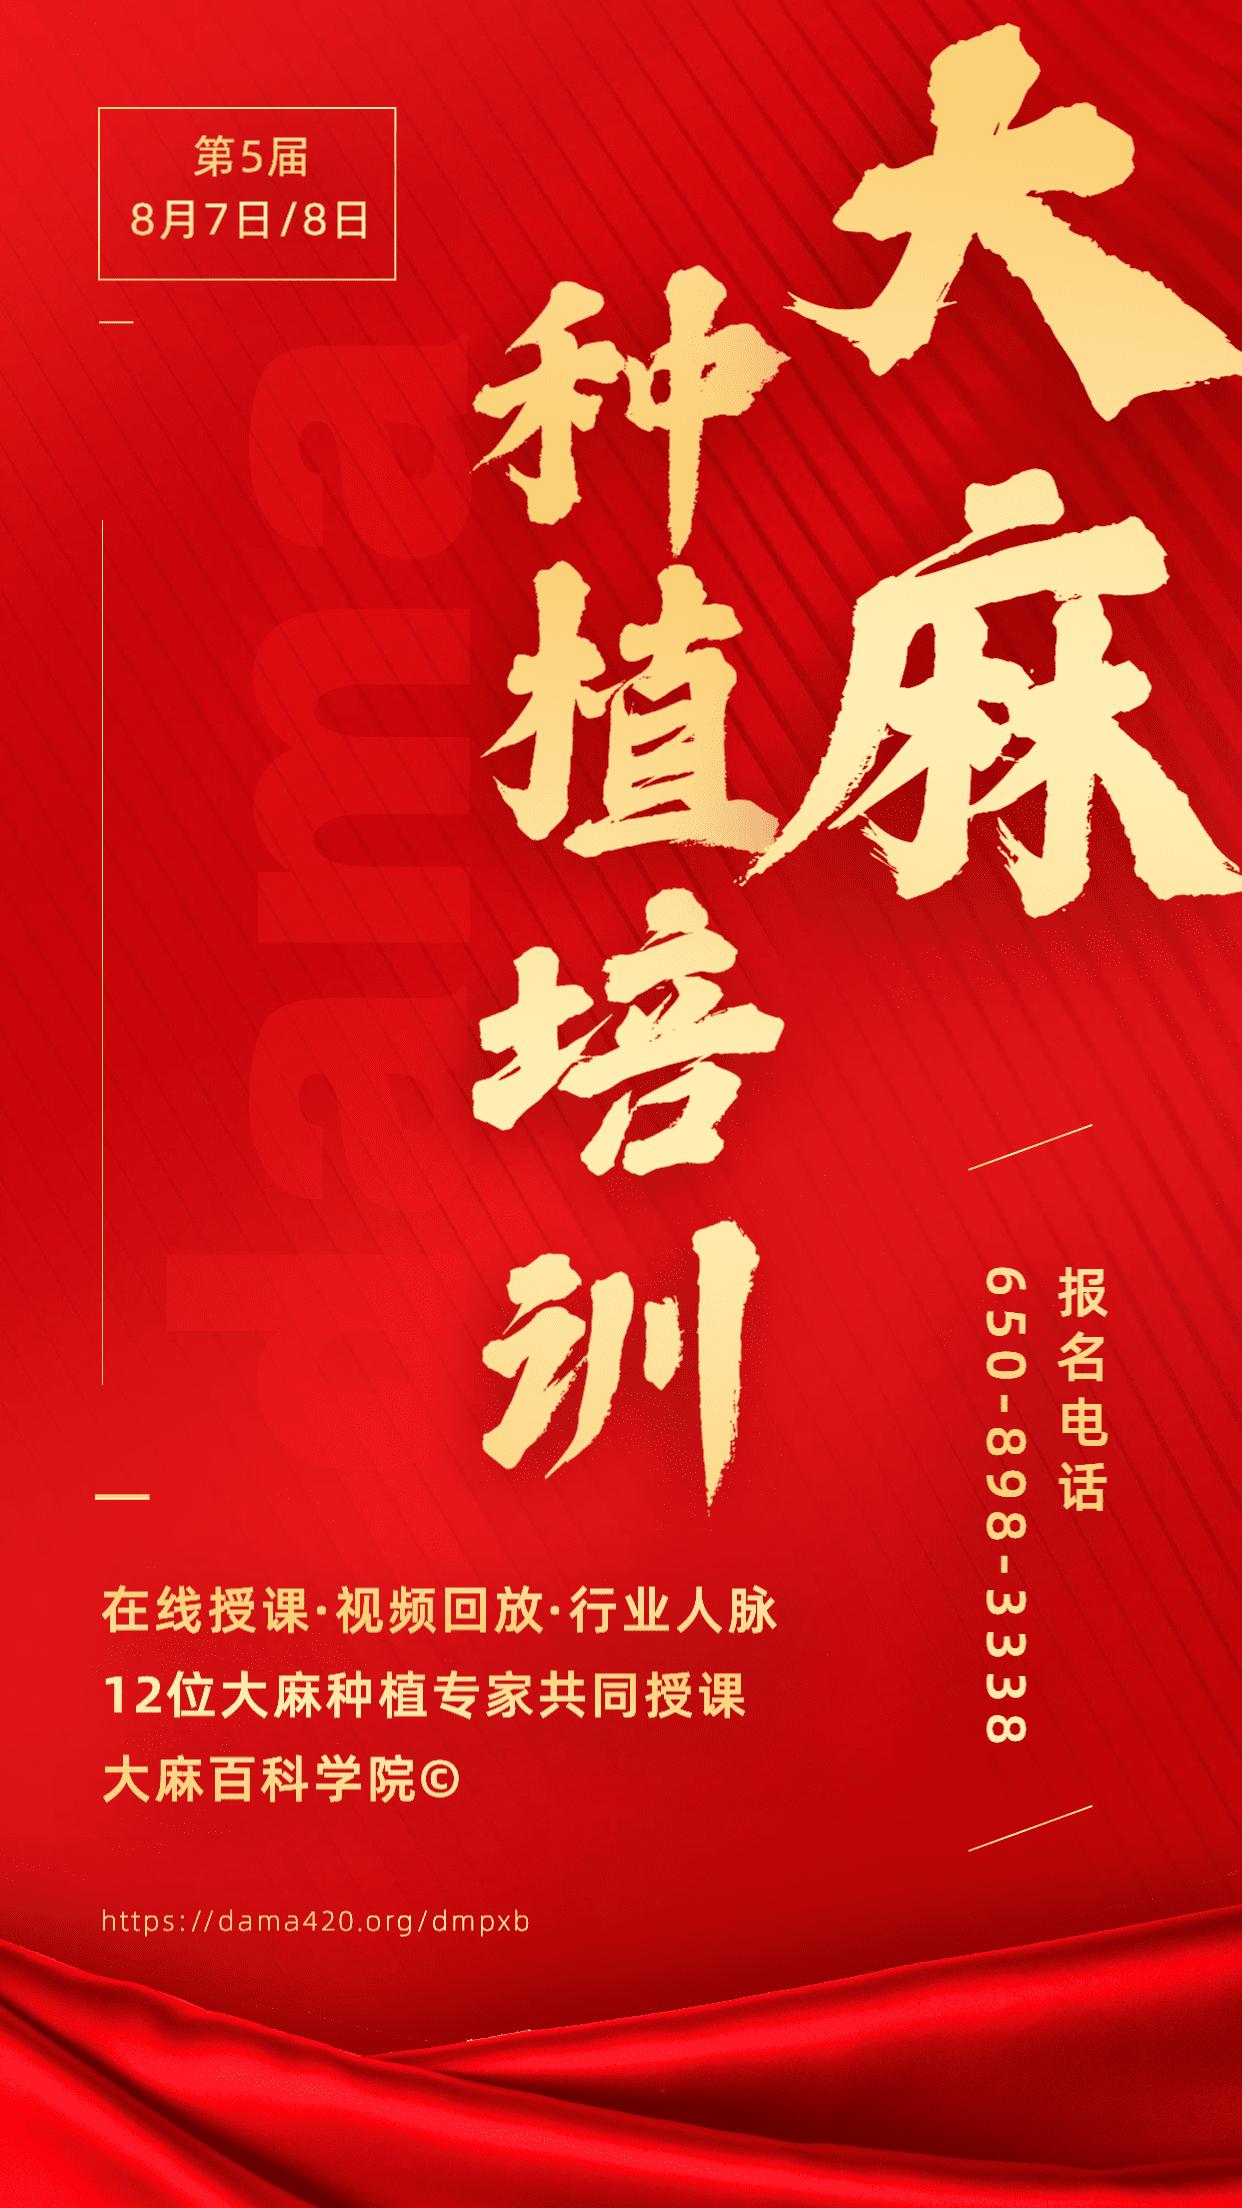 中文大麻种植培训班第5届(8月7日/8日)